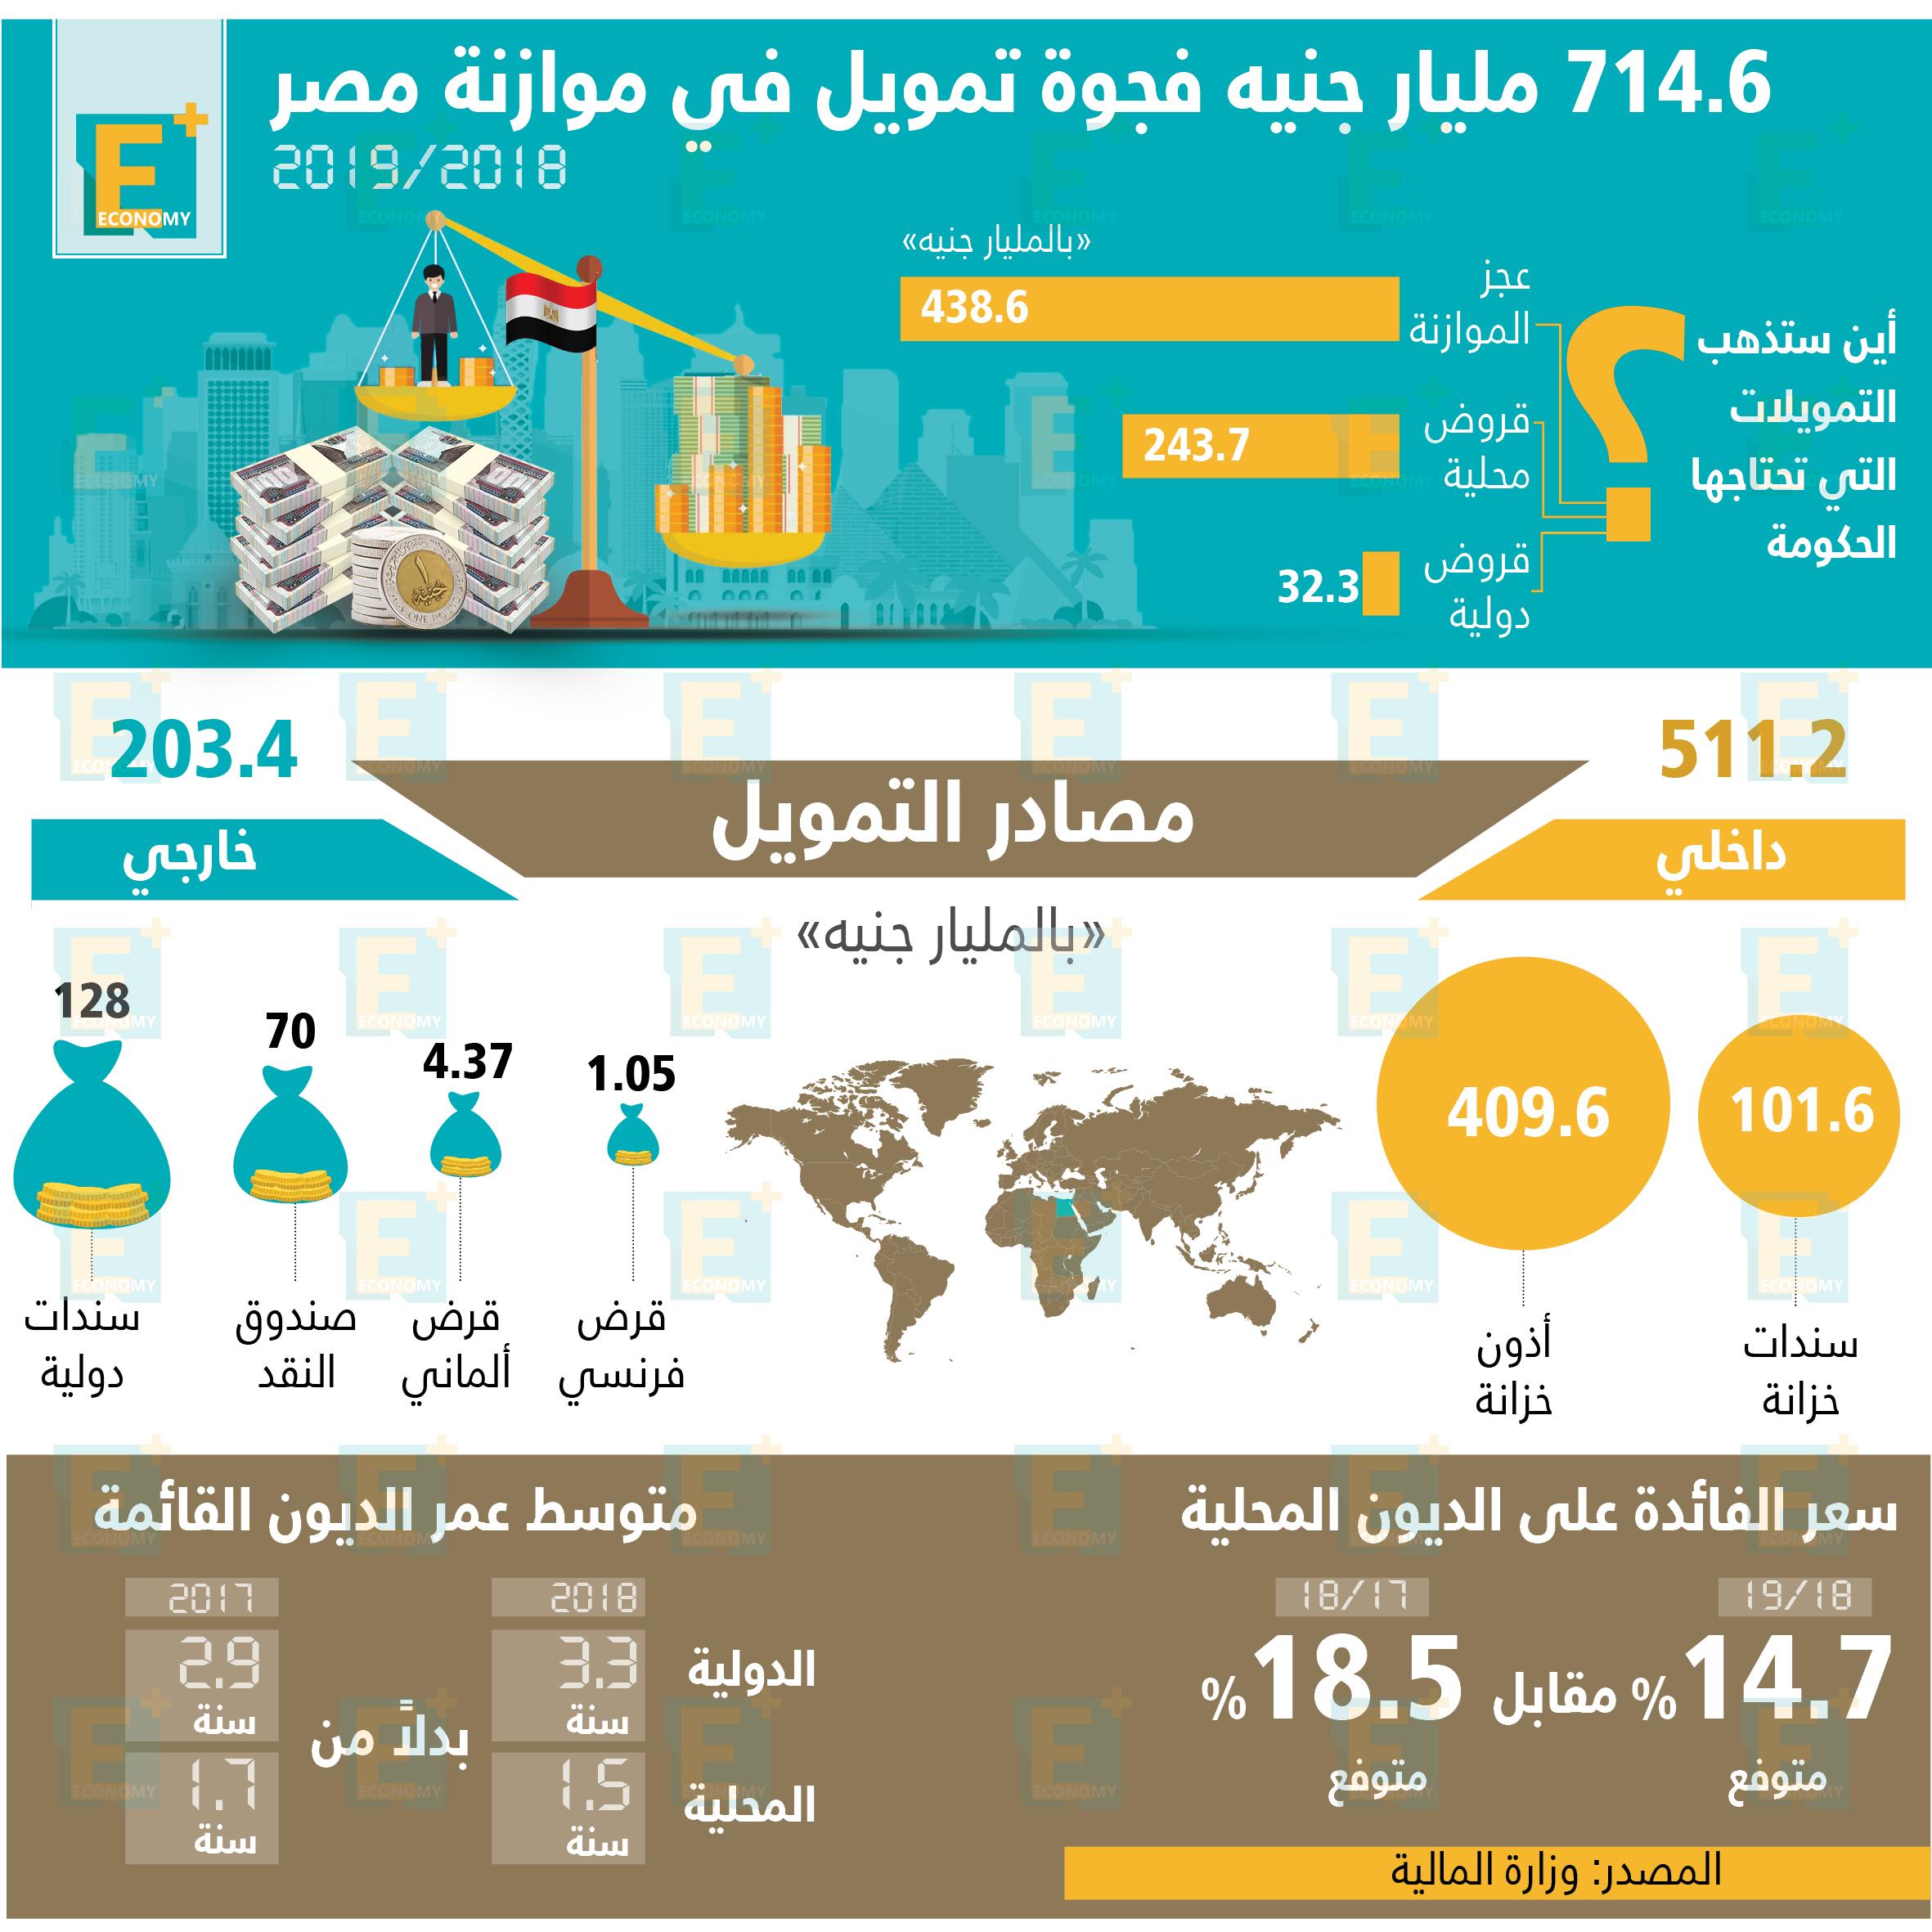 فجوة التمويل في موازنة مصر 2018 \ 2019